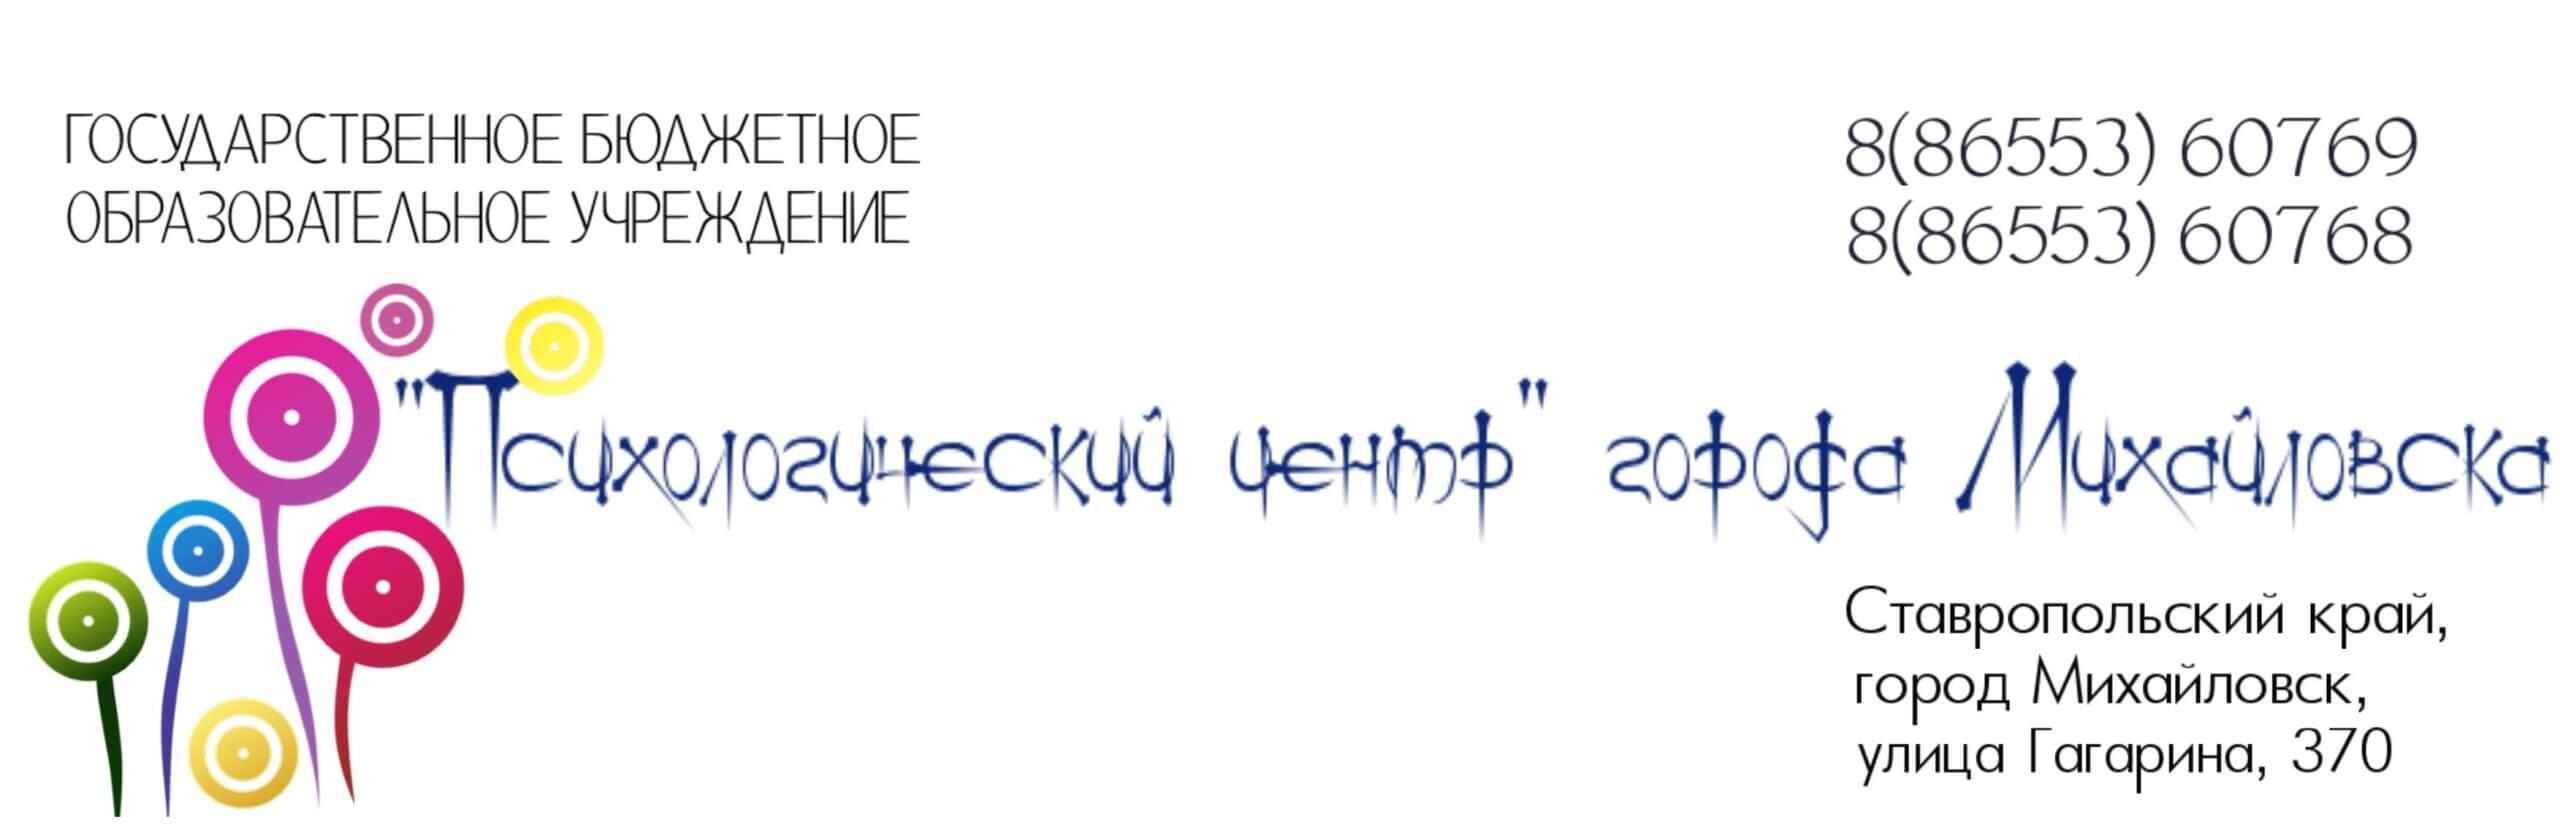 ГБОУ «Психологический центр» г. Михайловска